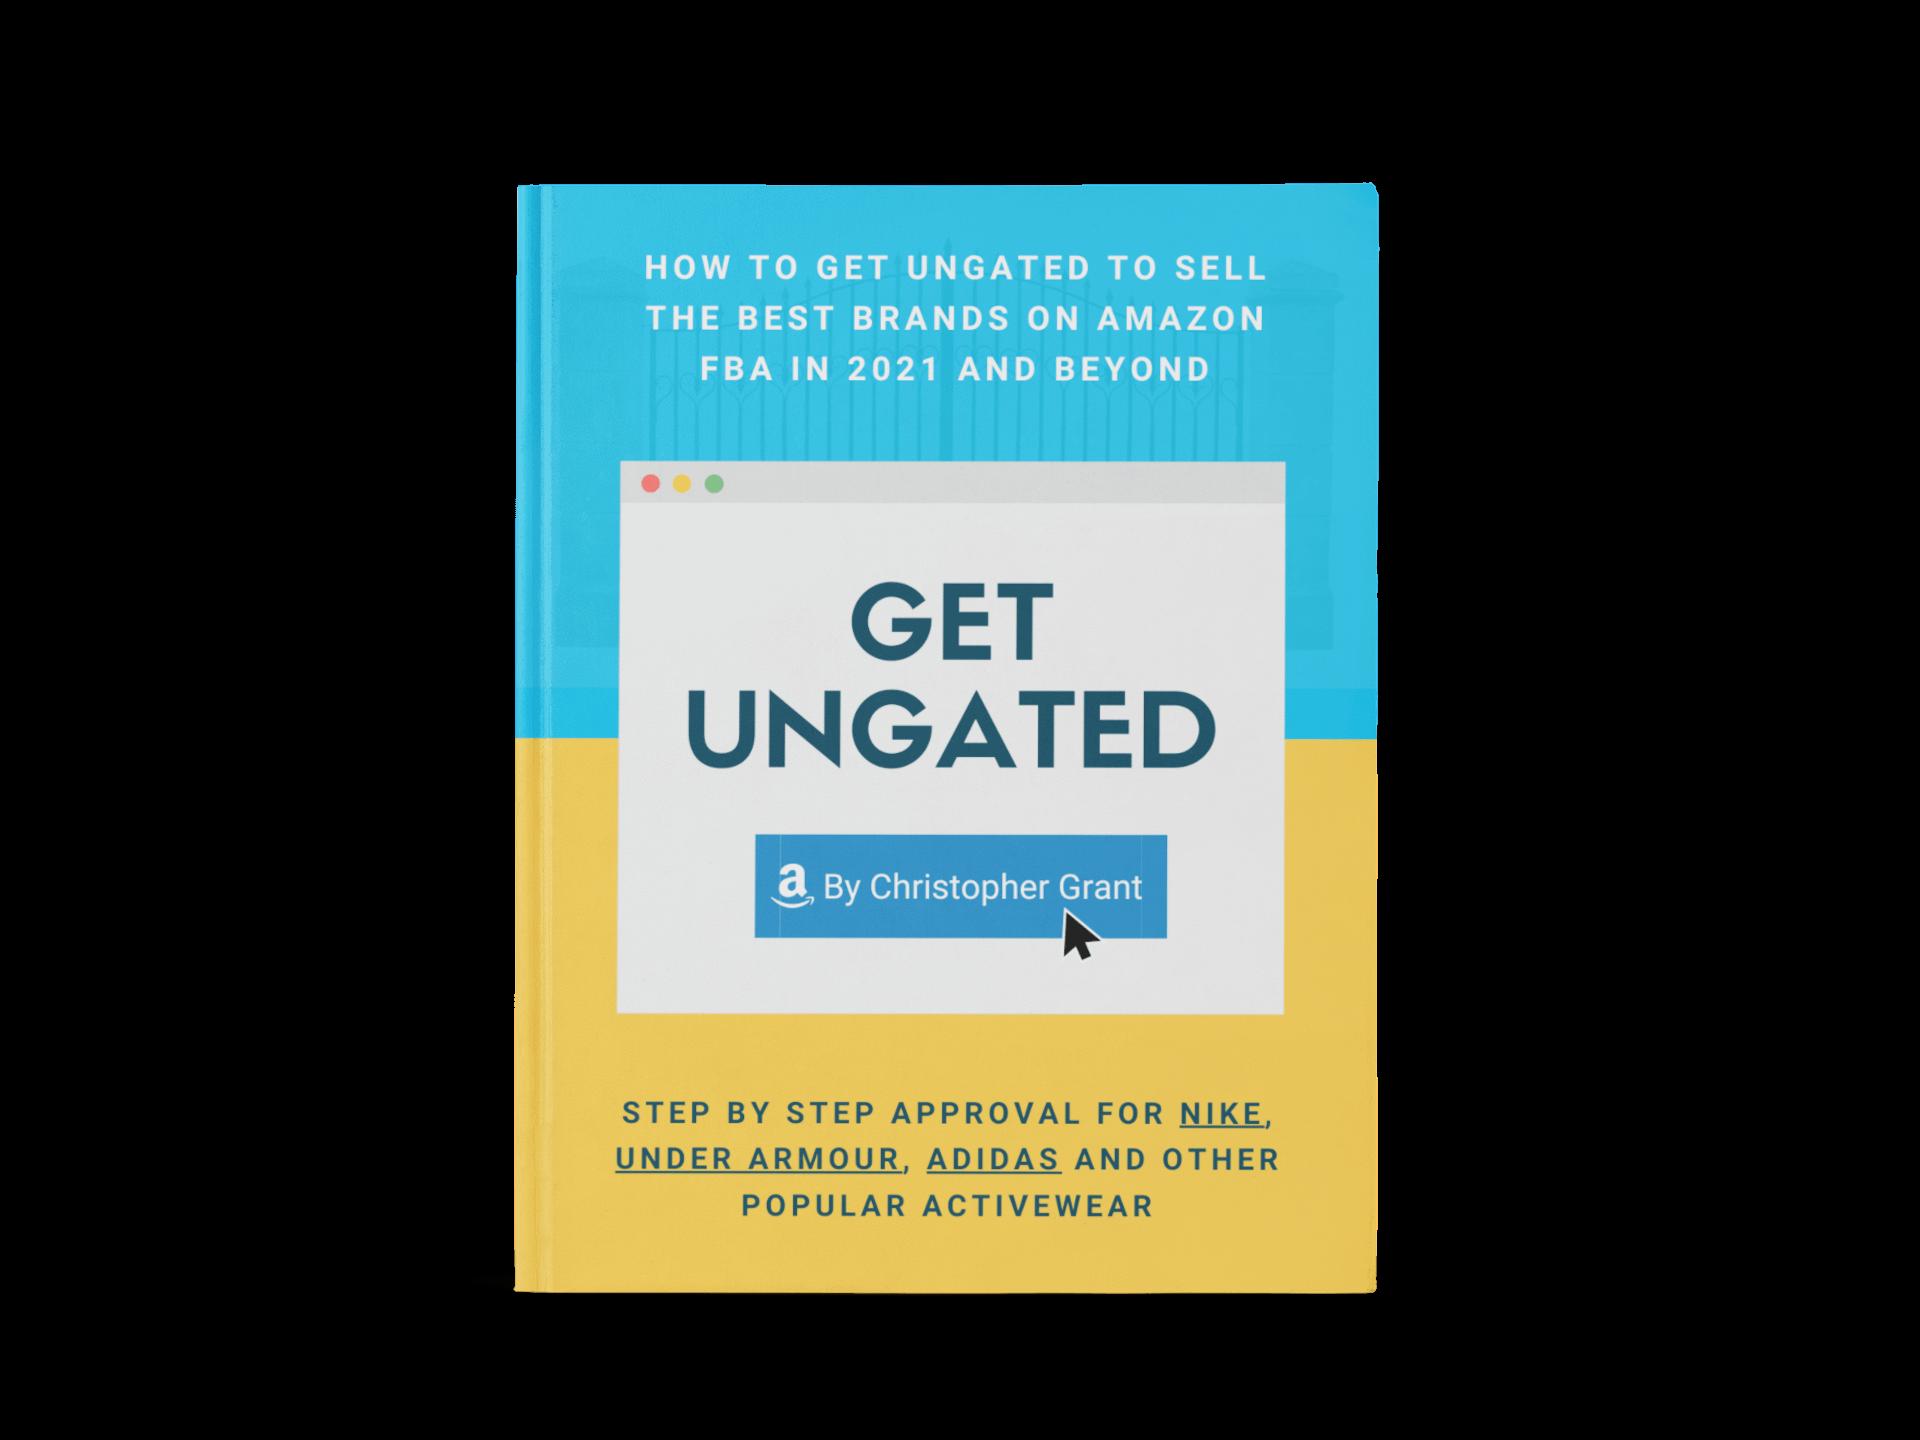 Get Ungated